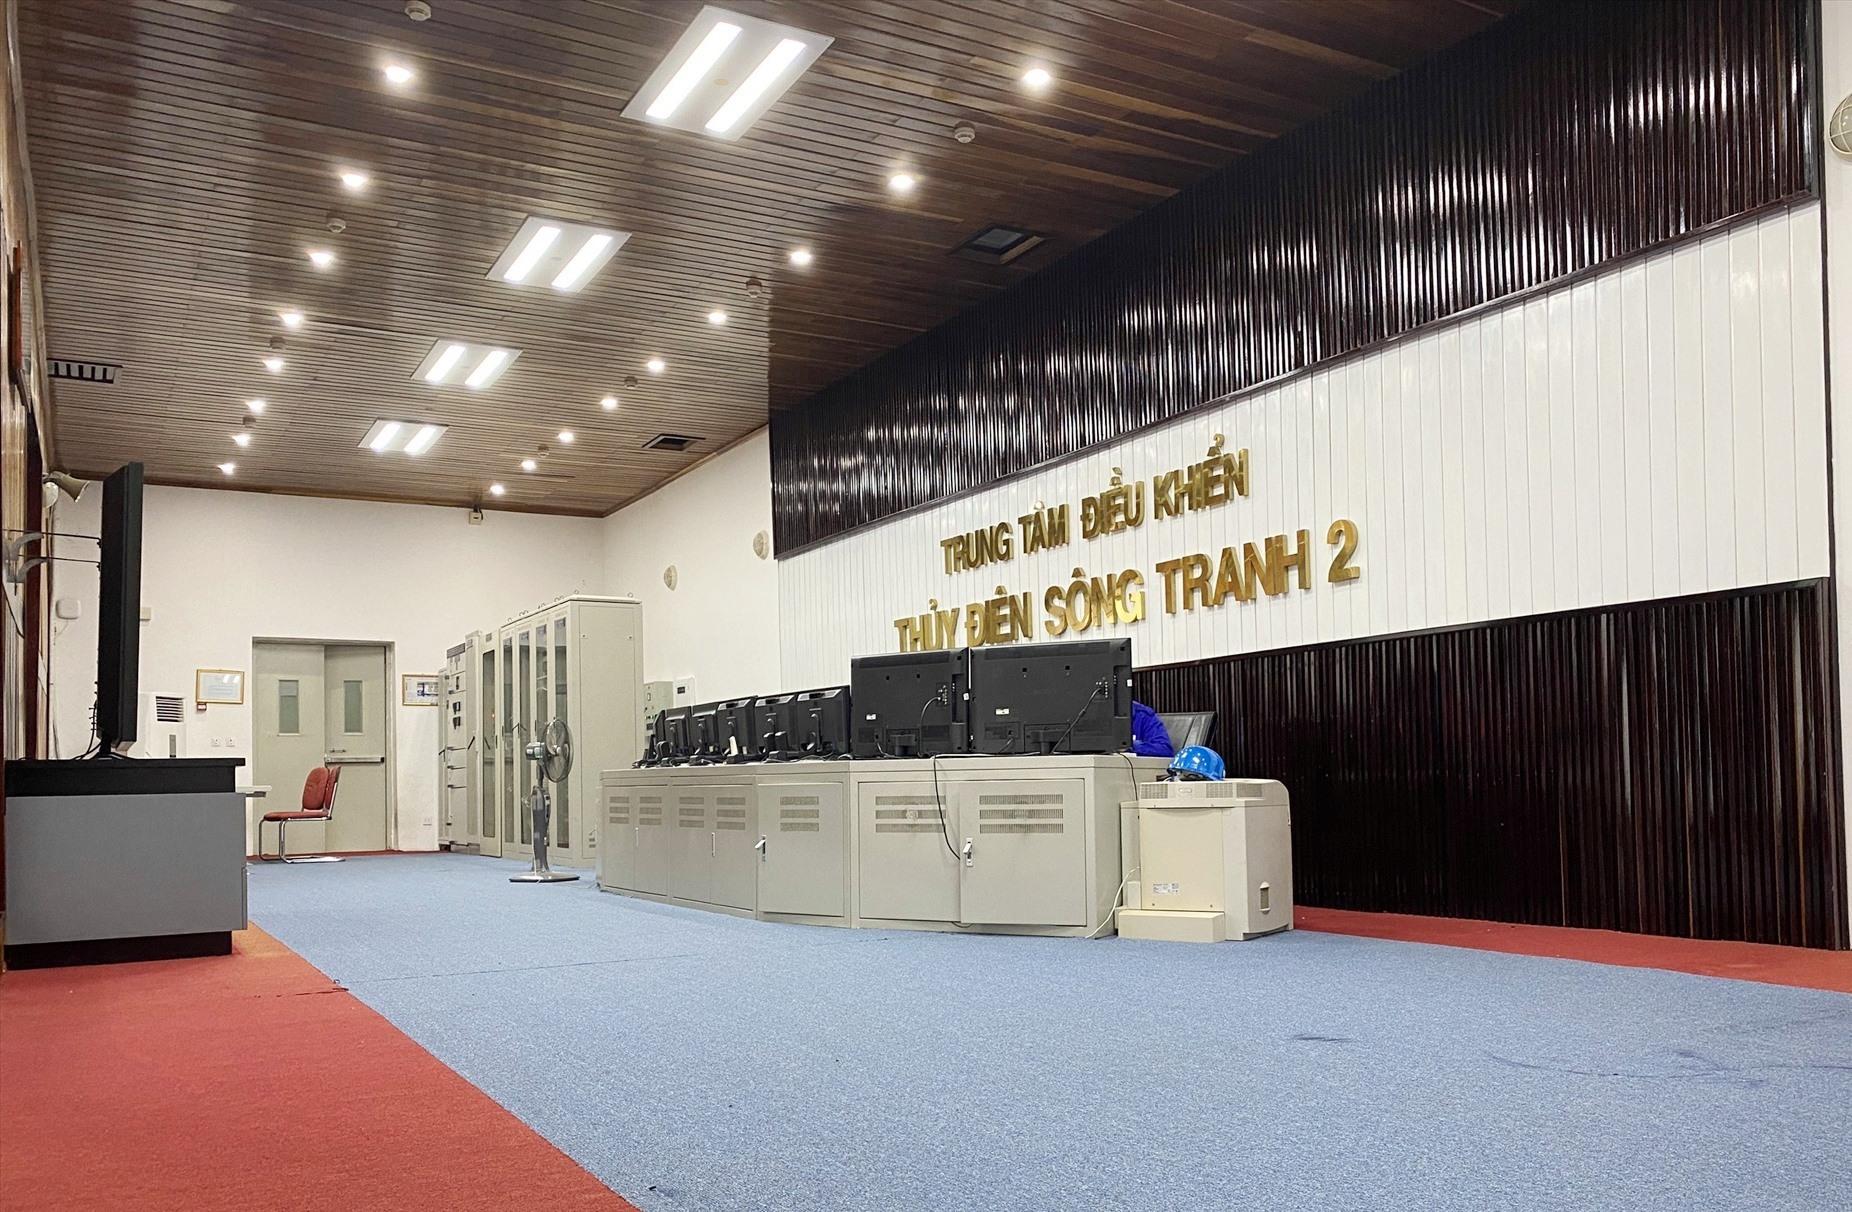 Trung tâm điều khiển nhà máy thủy điện Sông Tranh 2